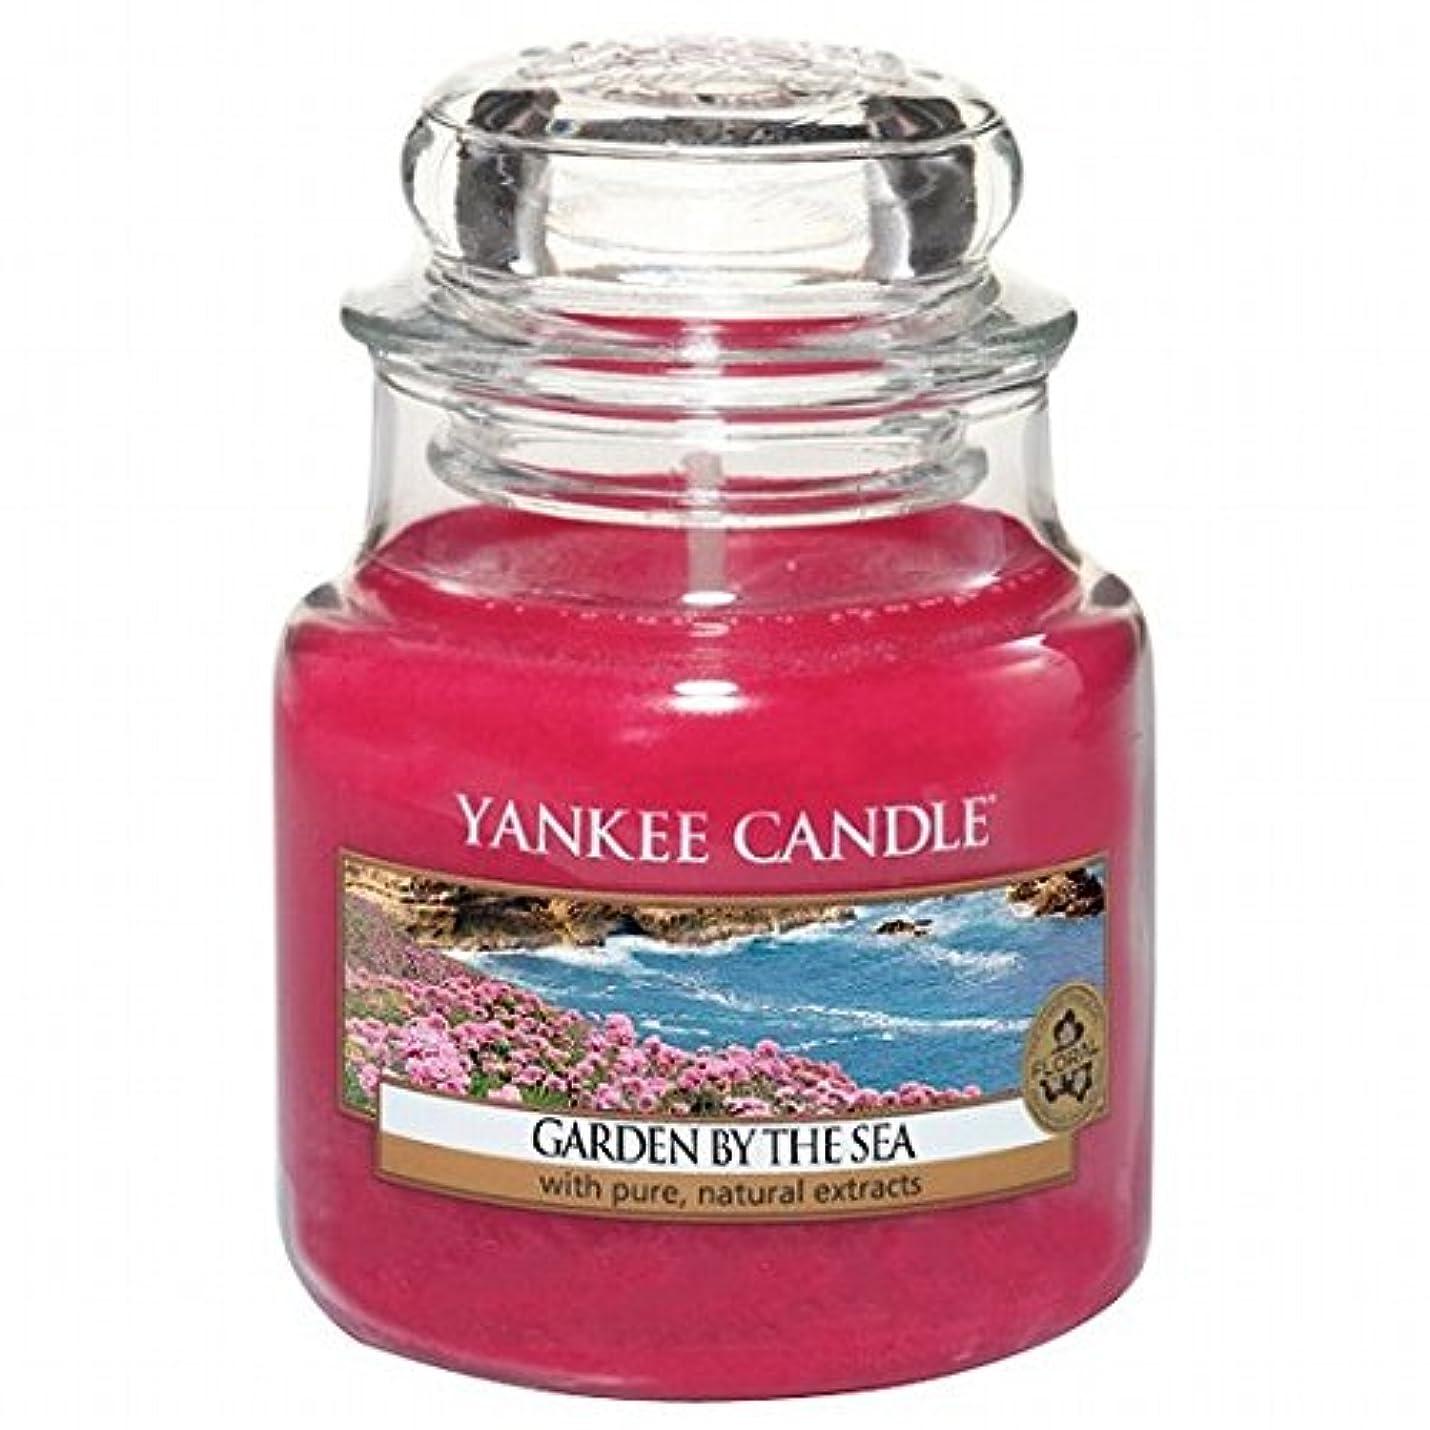 振りかける陰気カナダYANKEE CANDLE(ヤンキーキャンドル) YANKEE CANDLE ジャーS 「ガーデンバイザシー」(K00305291)